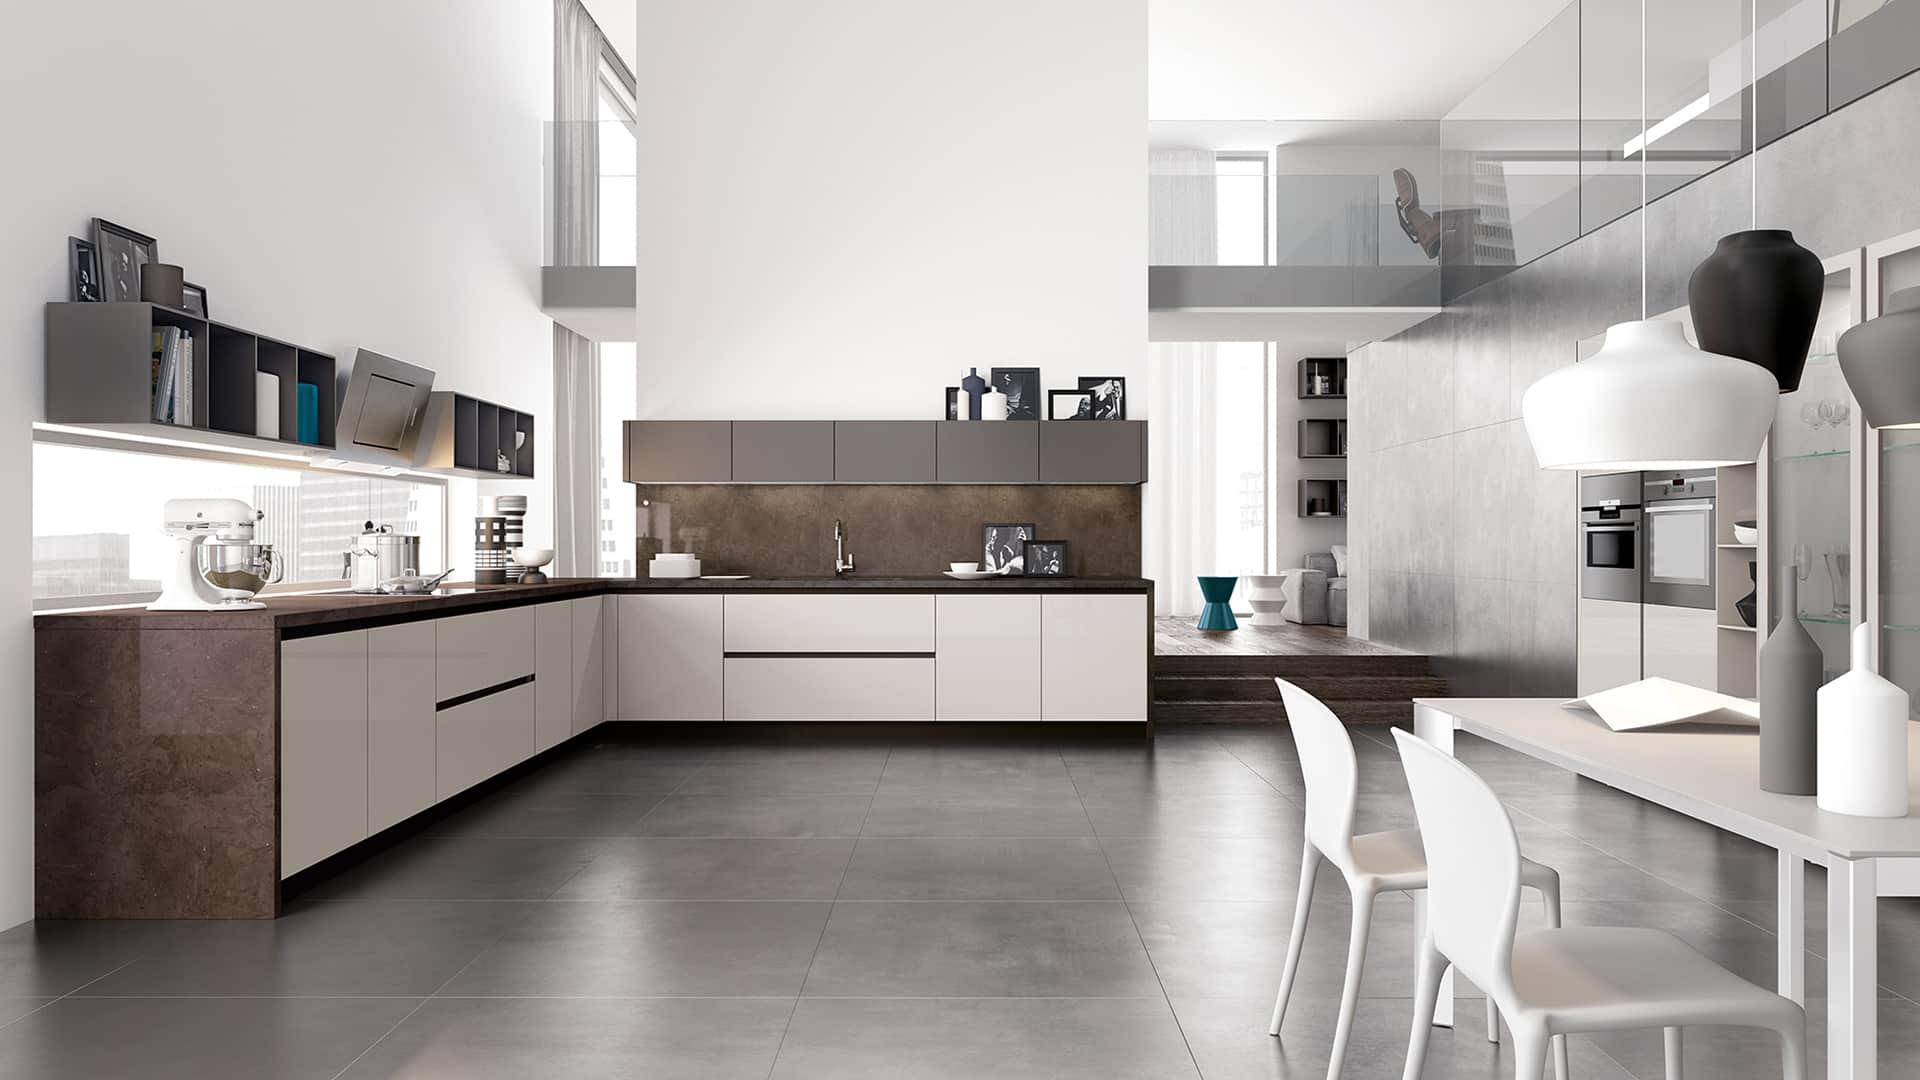 Cucine angolari moderne a padova - Ambientazioni cucine moderne ...